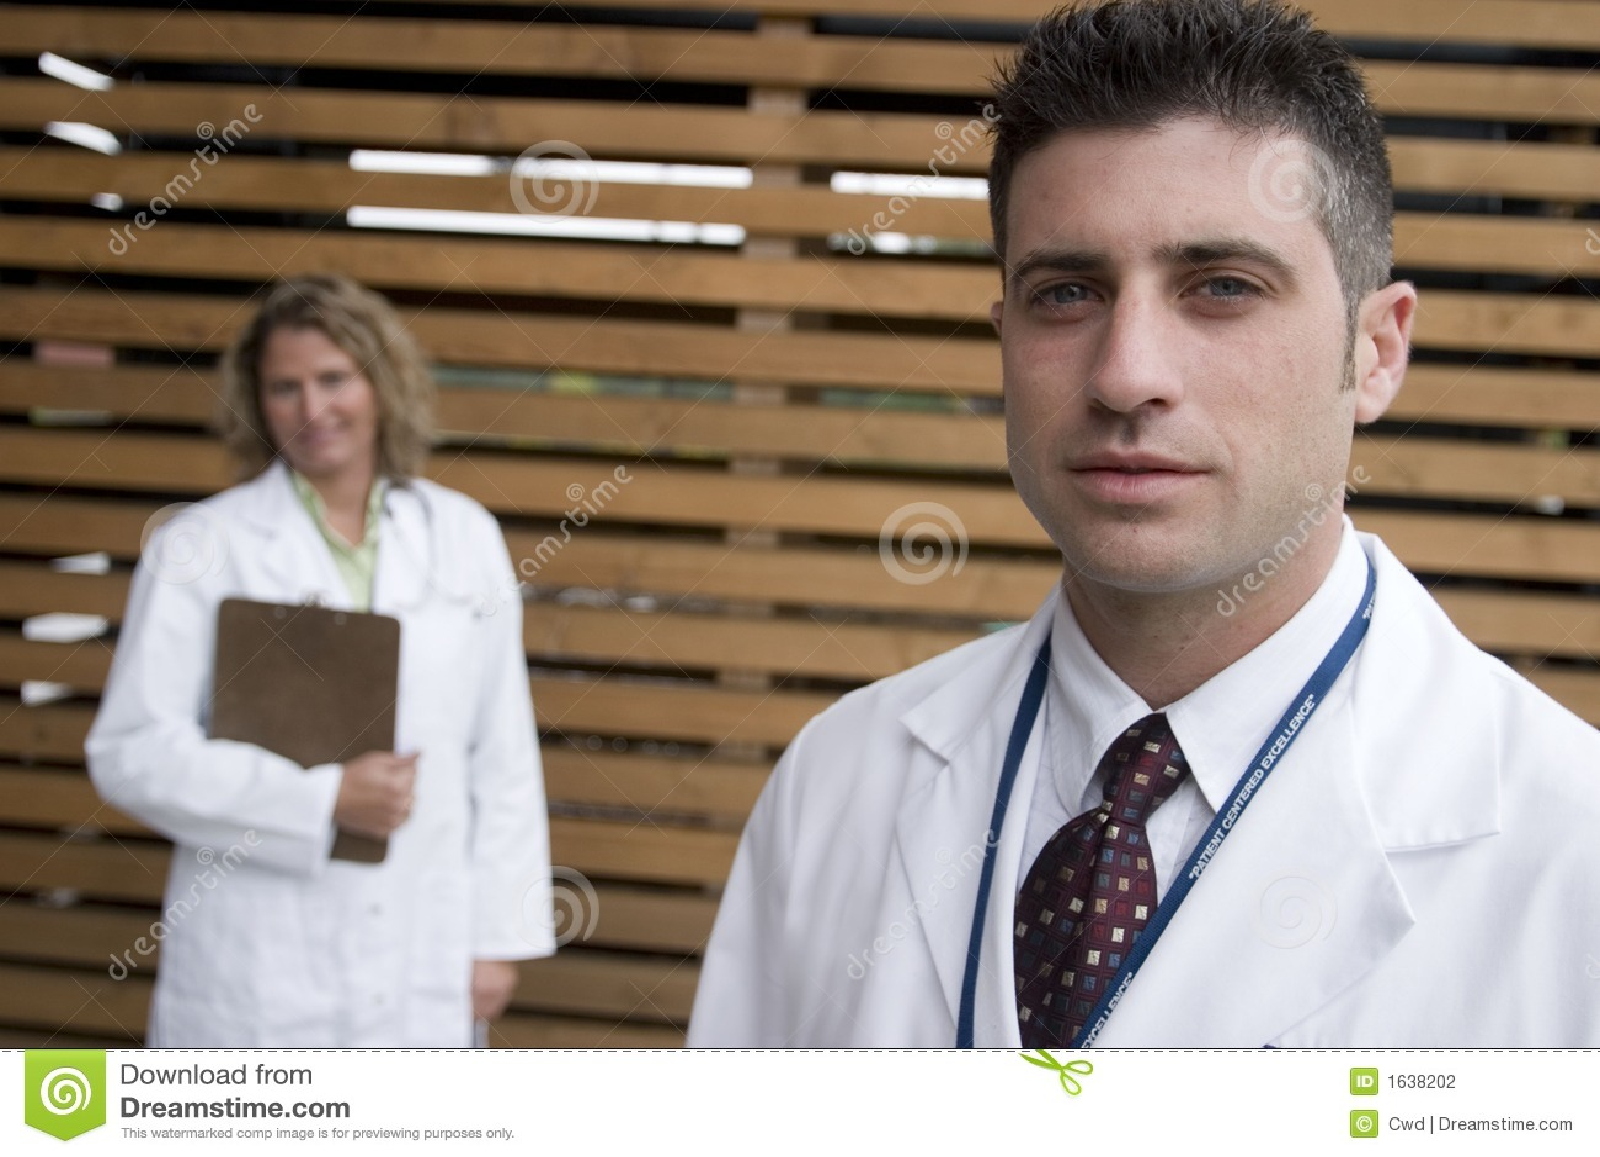 2 Doktoren außerhalb des Krankenhauses